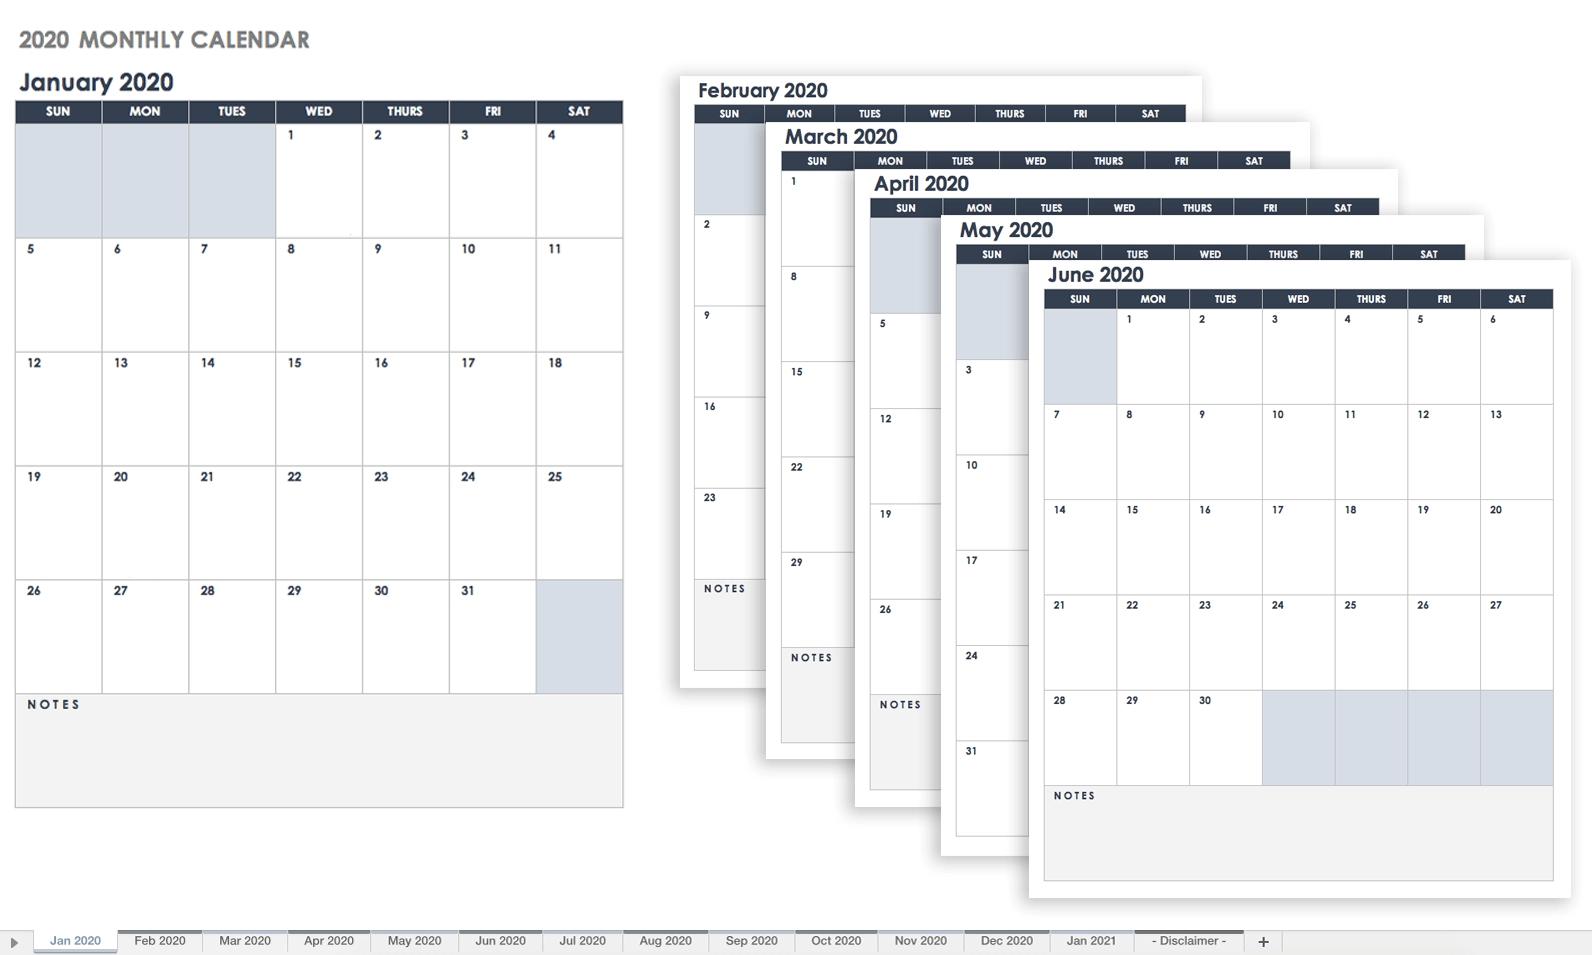 Free Google Calendar Templates | Smartsheet-2020 Employee Attendance Calendar Templates